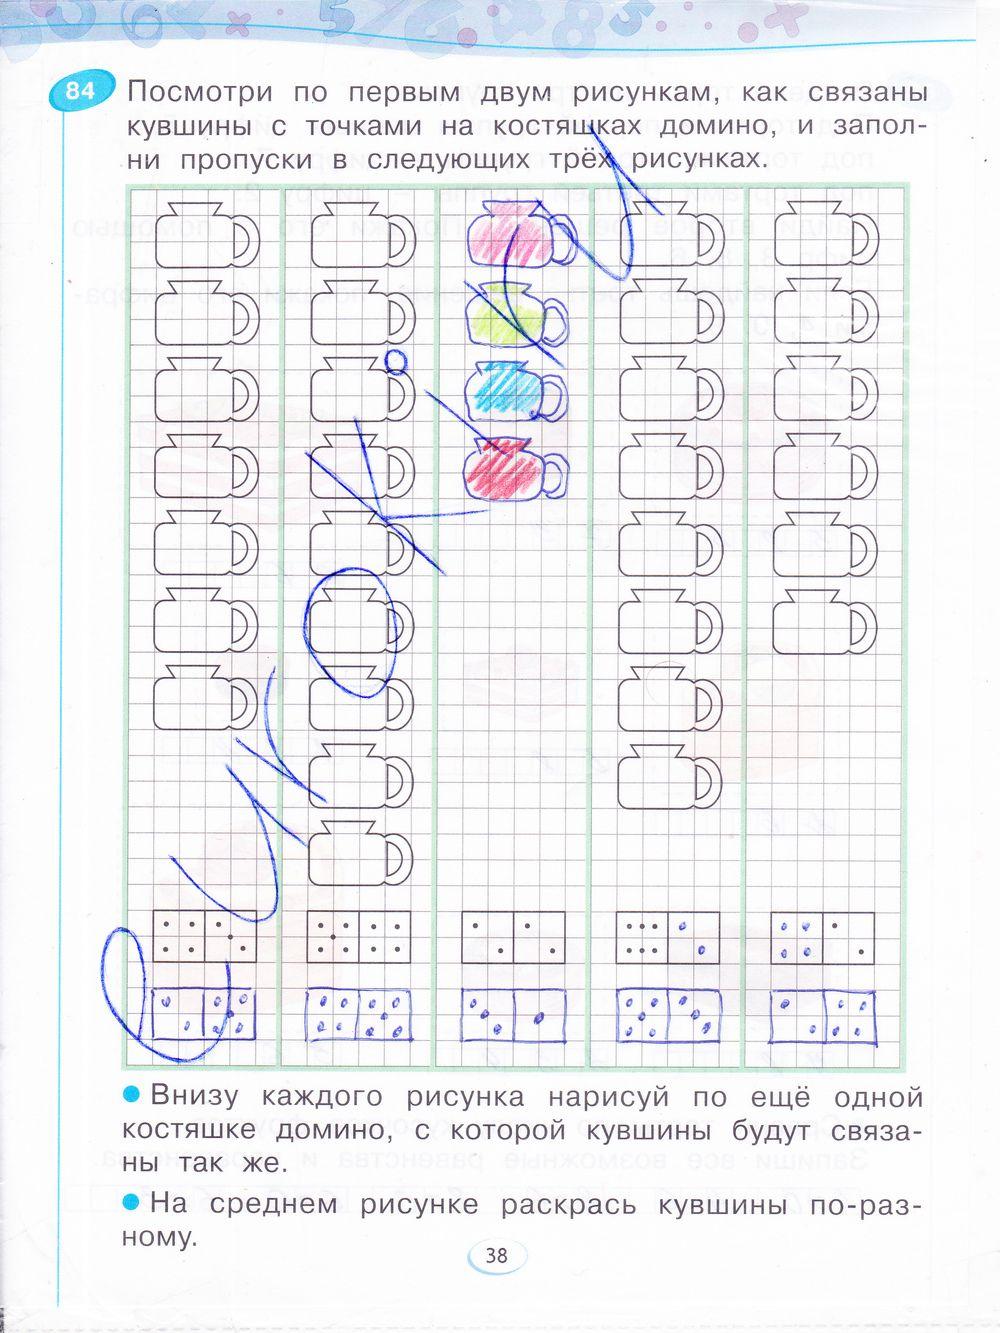 Решебник по математике с а козлова а.г.рубин 1 часть 5 класс бесплатно и без регестрации бс